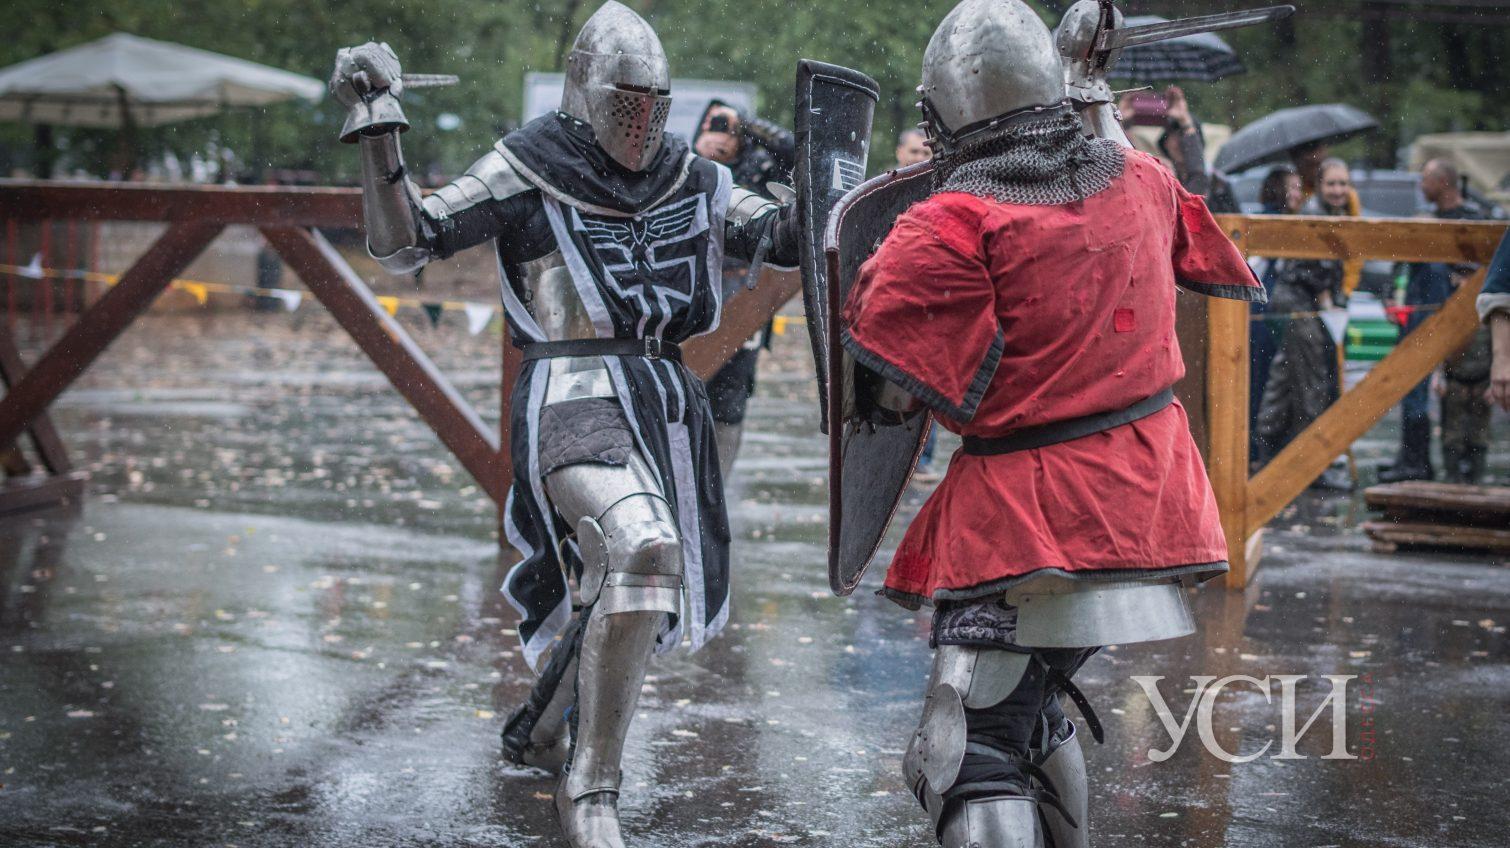 С мечами и в латах: в Одессе прошел фестиваль средневековой культуры «Пороховая Башня» (фоторепортаж) «фото»